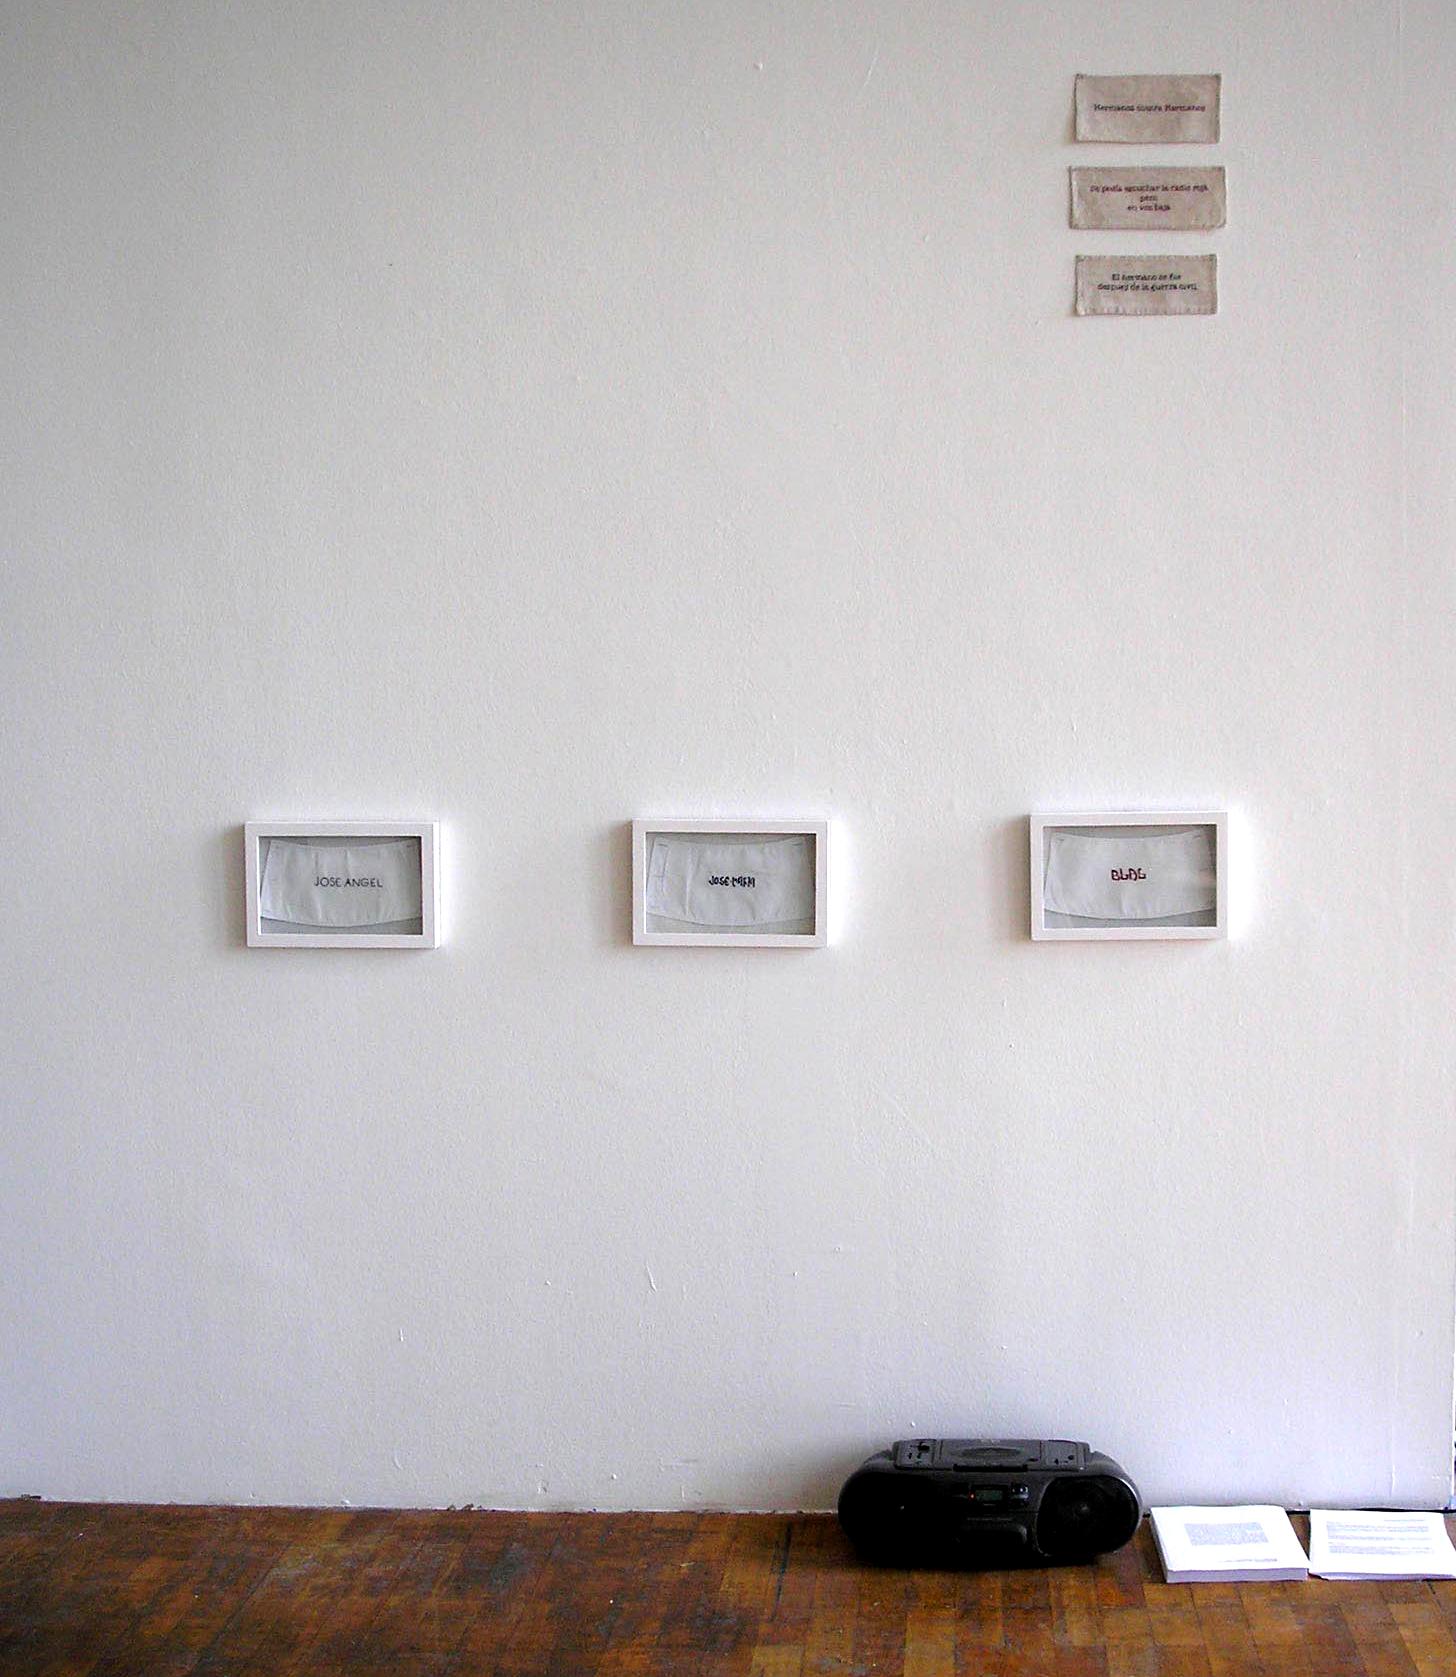 Vue de l'exposition, manchettes de chemise brodée, bande-son avec l'histoire de Blas